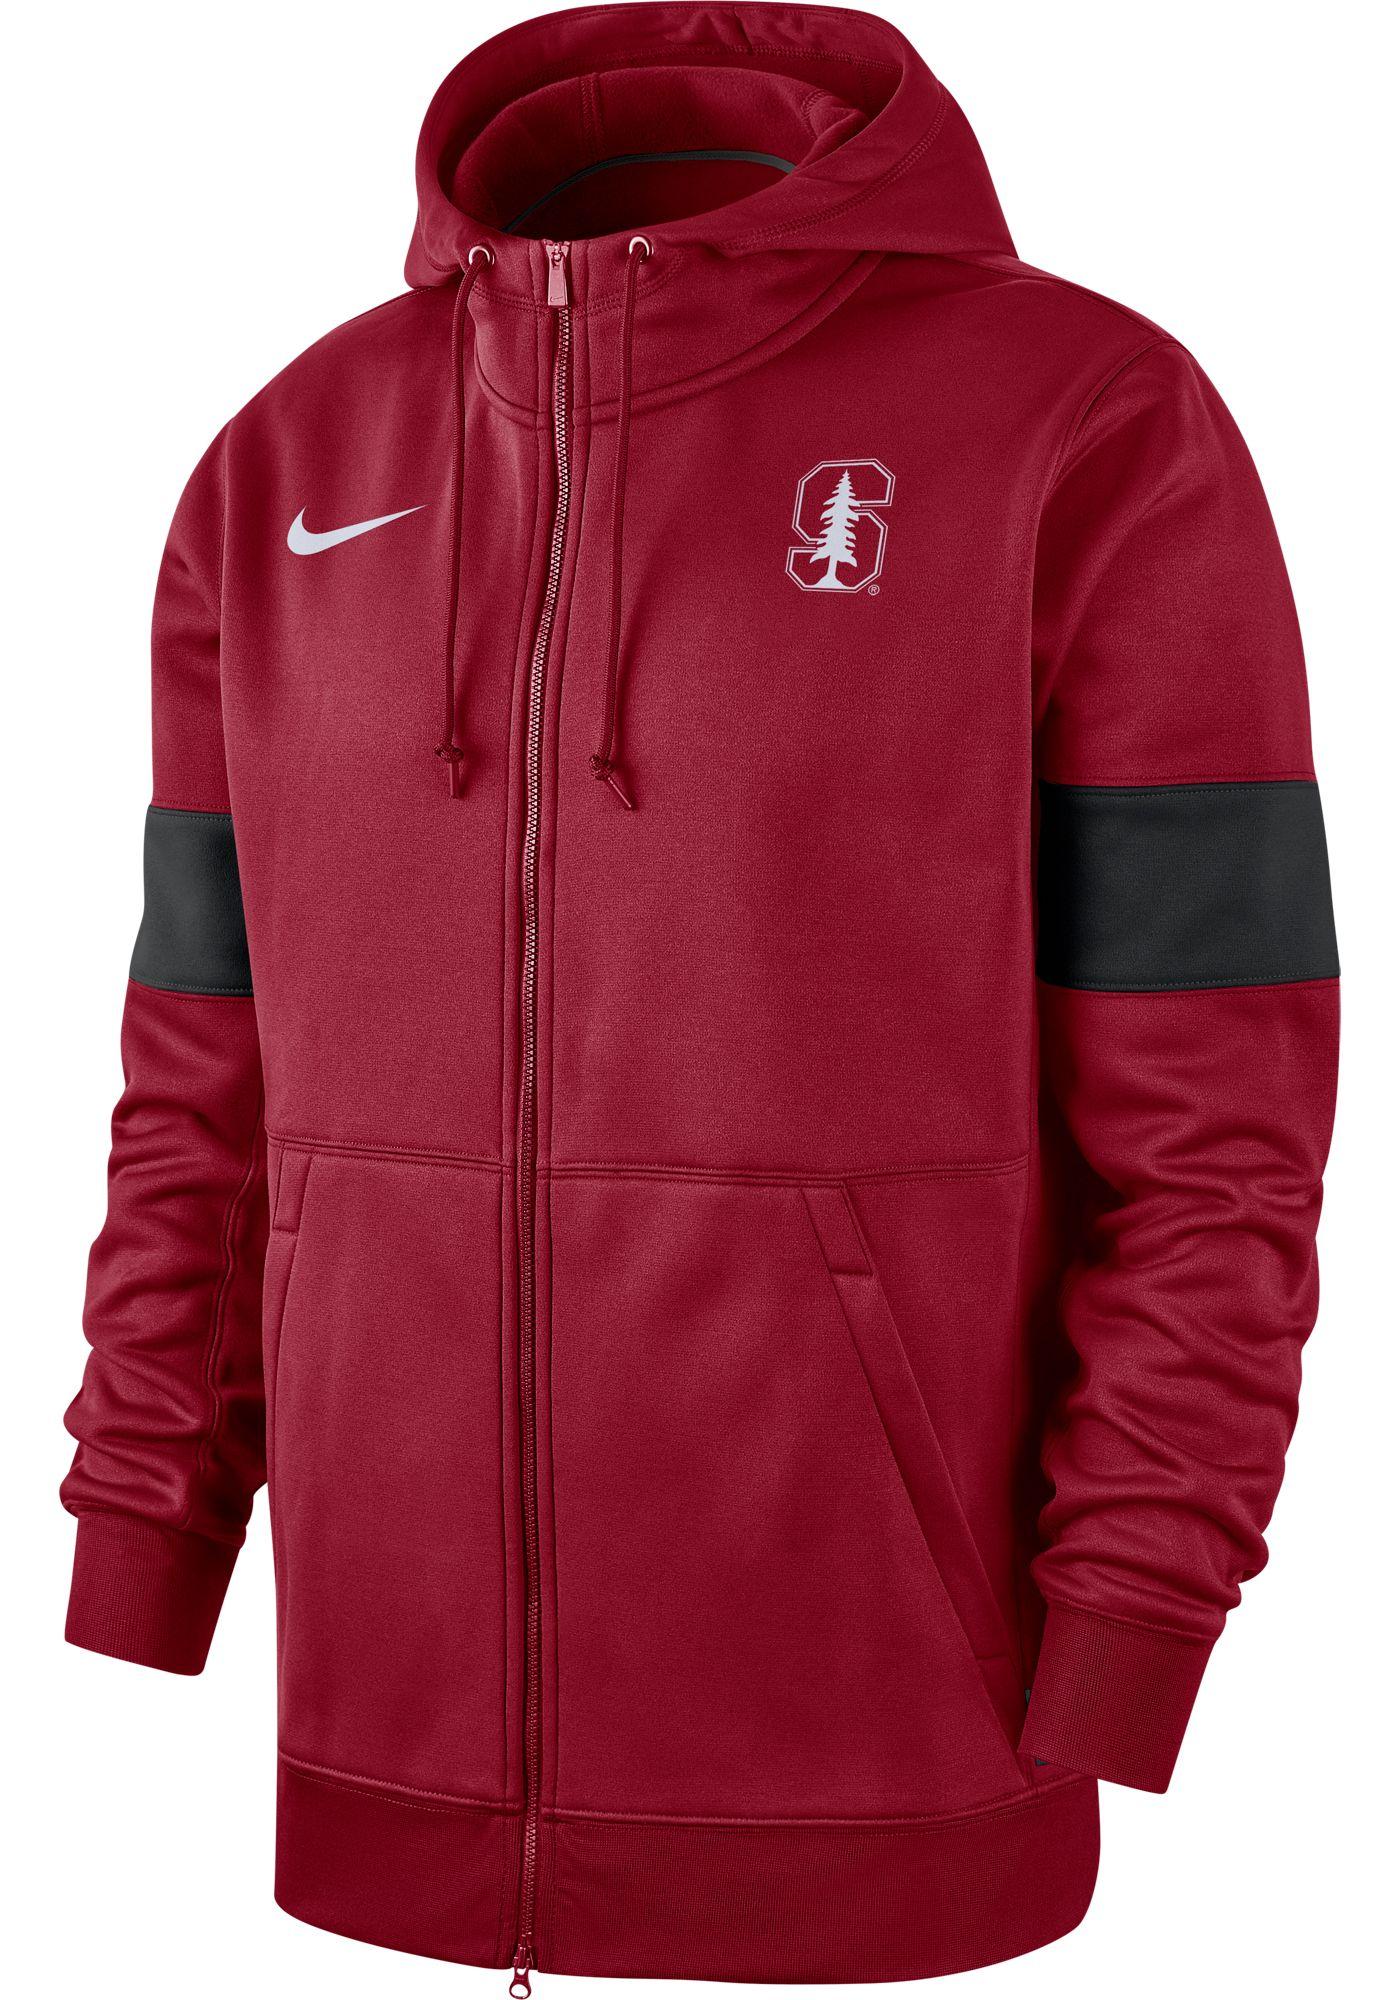 Nike Men's Stanford Cardinal Therma Football Sideline Full-Zip Cardinal Hoodie